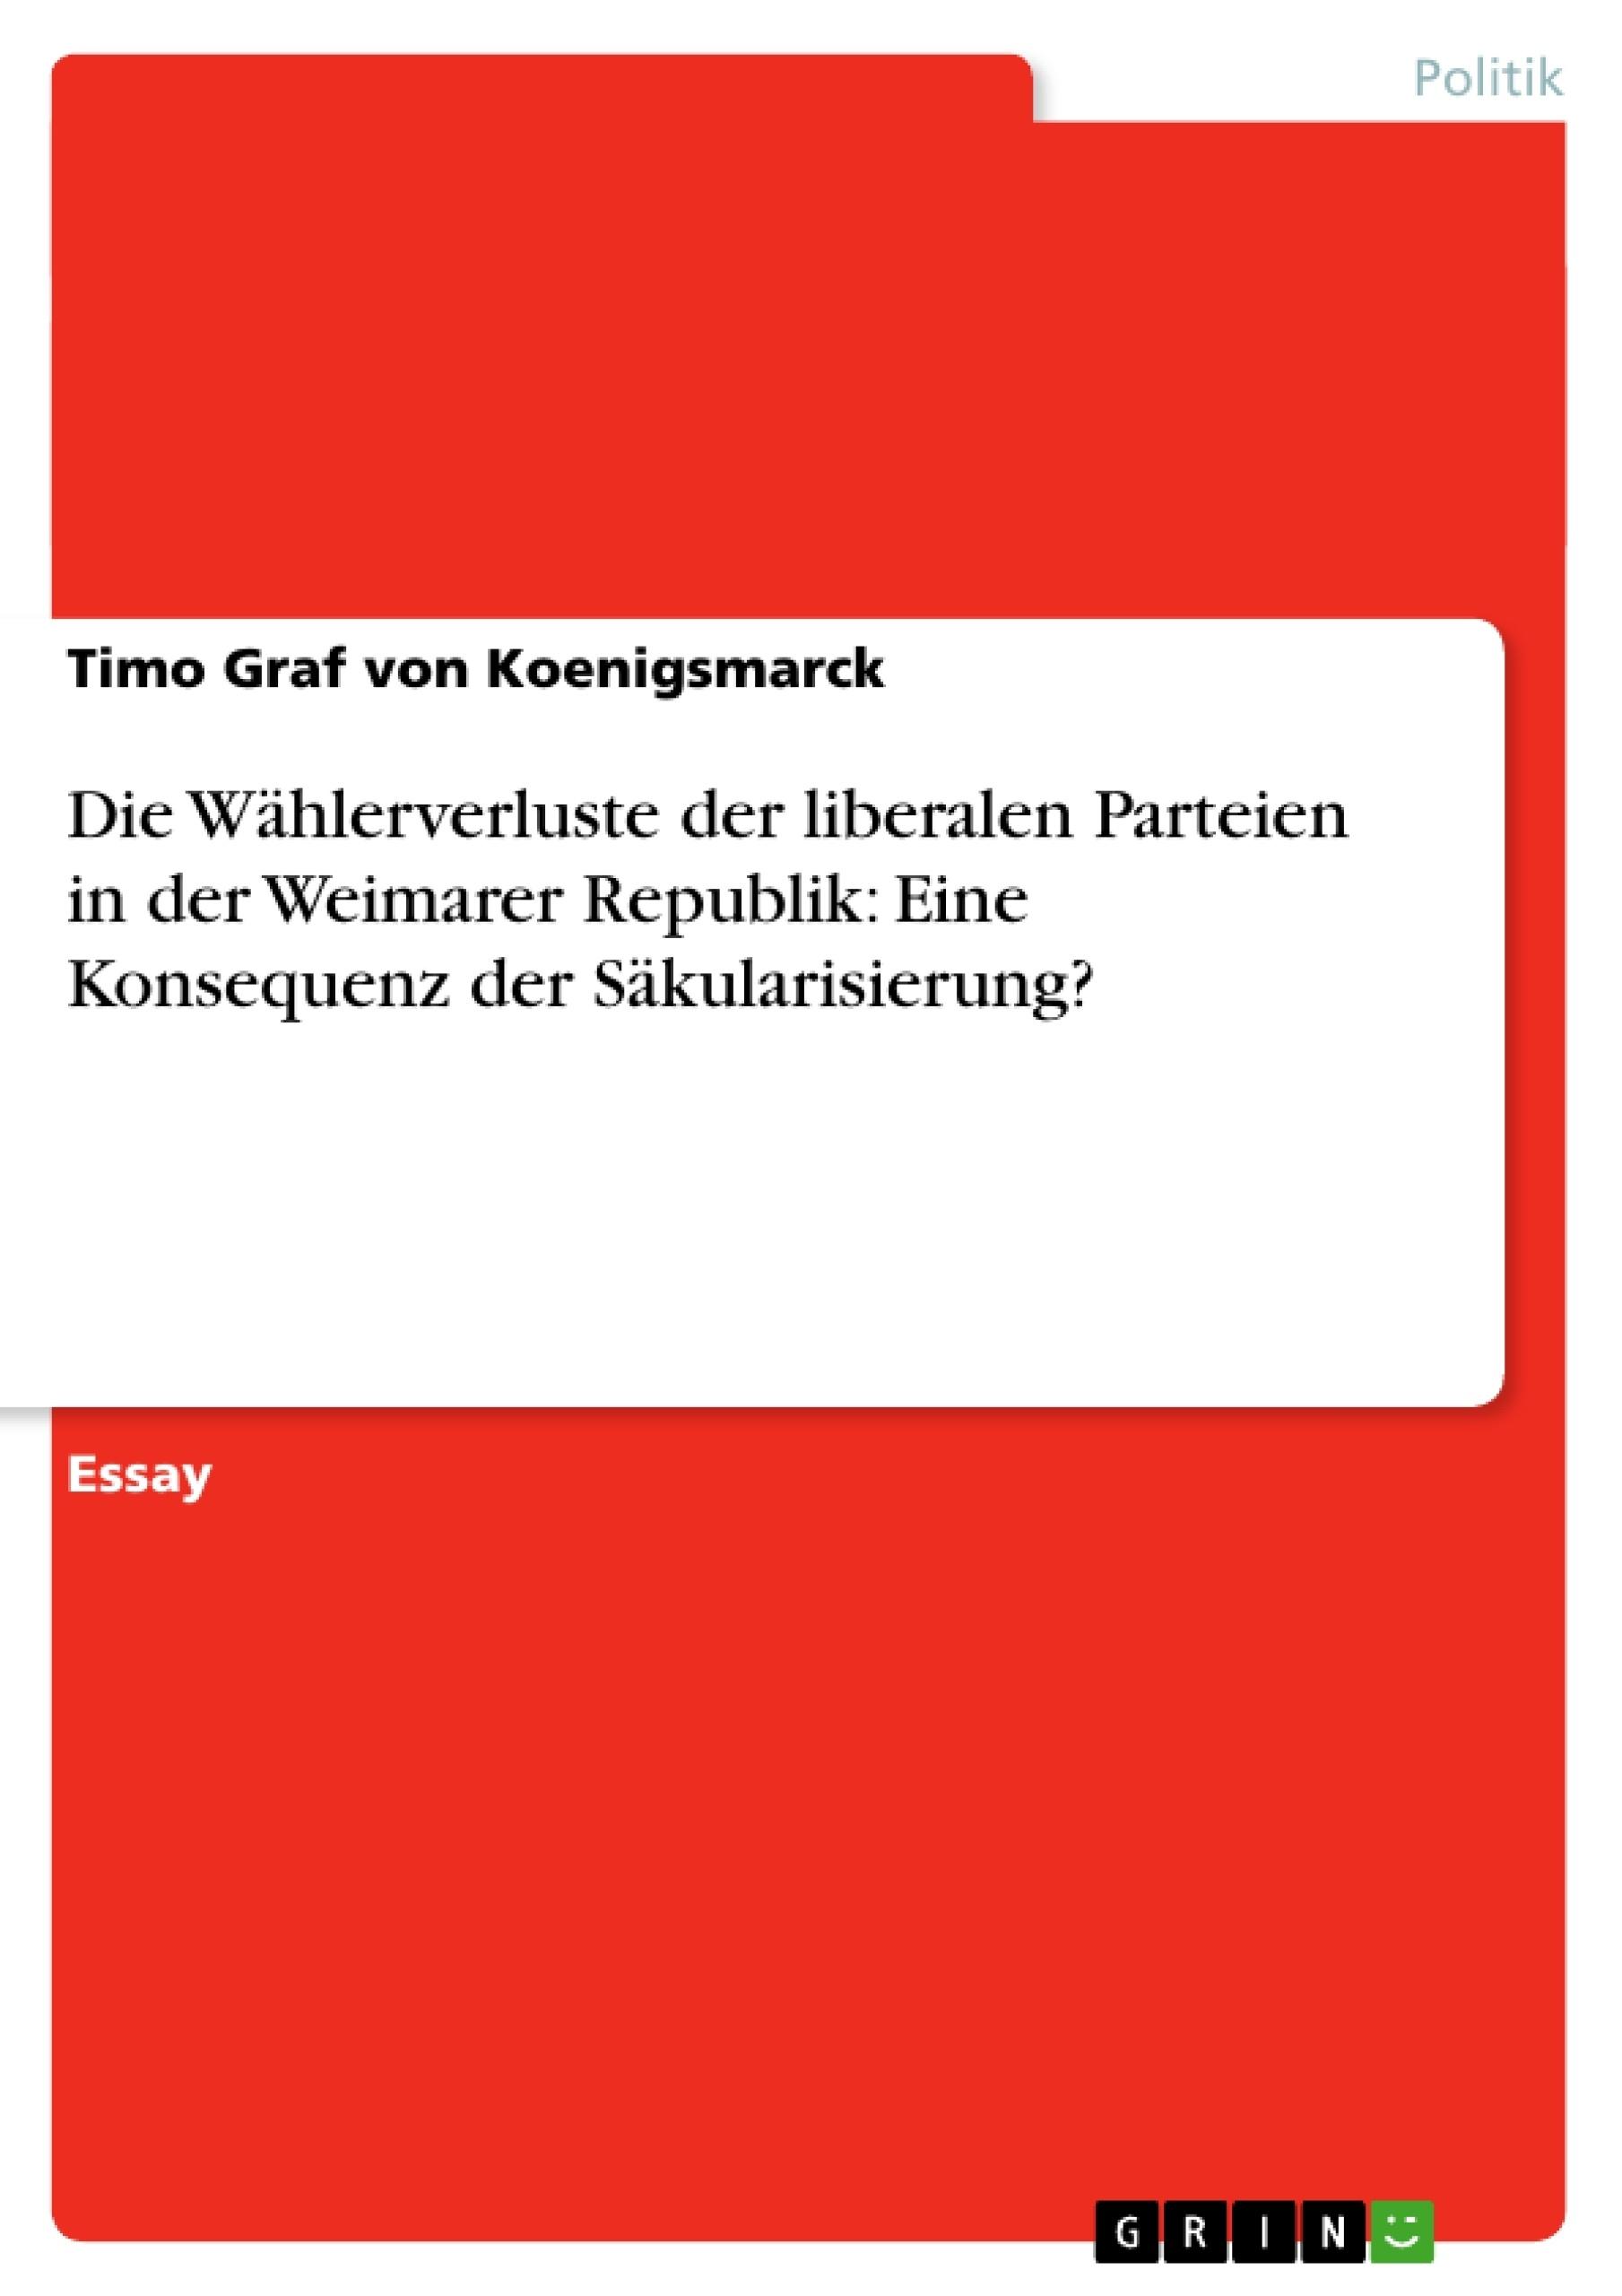 Titel: Die Wählerverluste der liberalen Parteien in der Weimarer Republik: Eine Konsequenz der Säkularisierung?